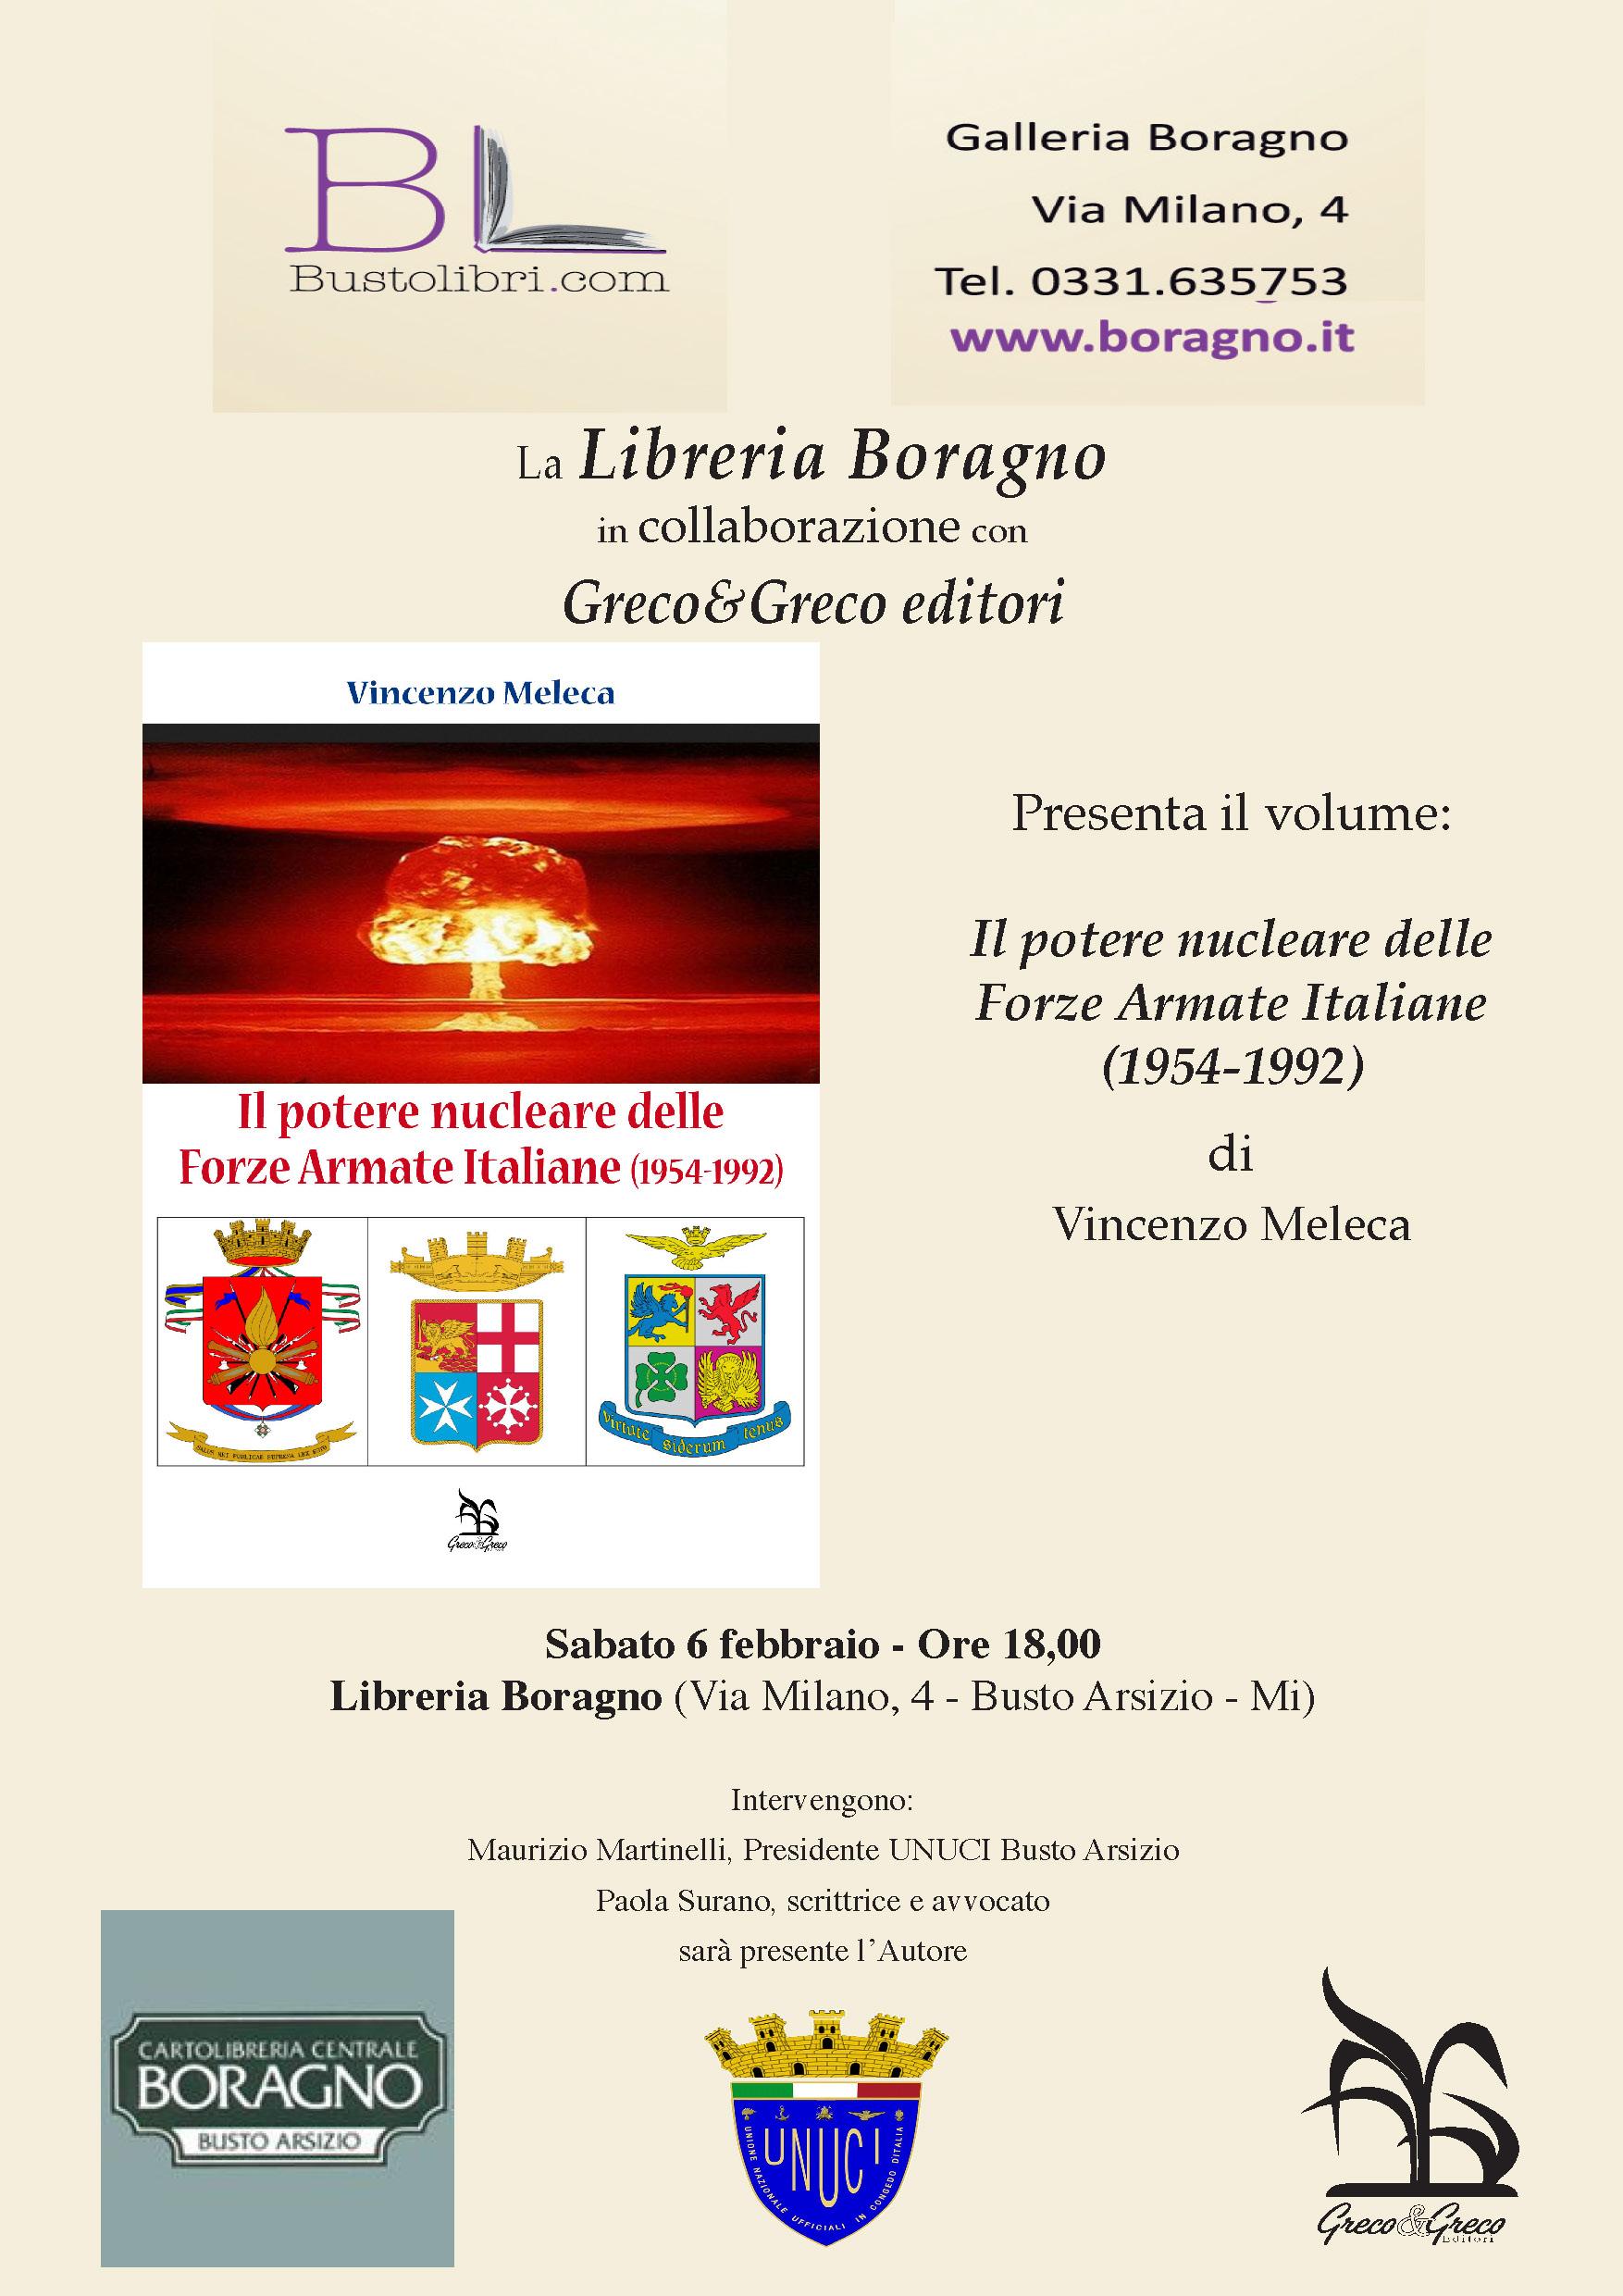 """6.2.2016 – Presentazione del libro """"Il potere nucleare delle Forze Armate Italiane"""" di Vincenzo Meleca"""